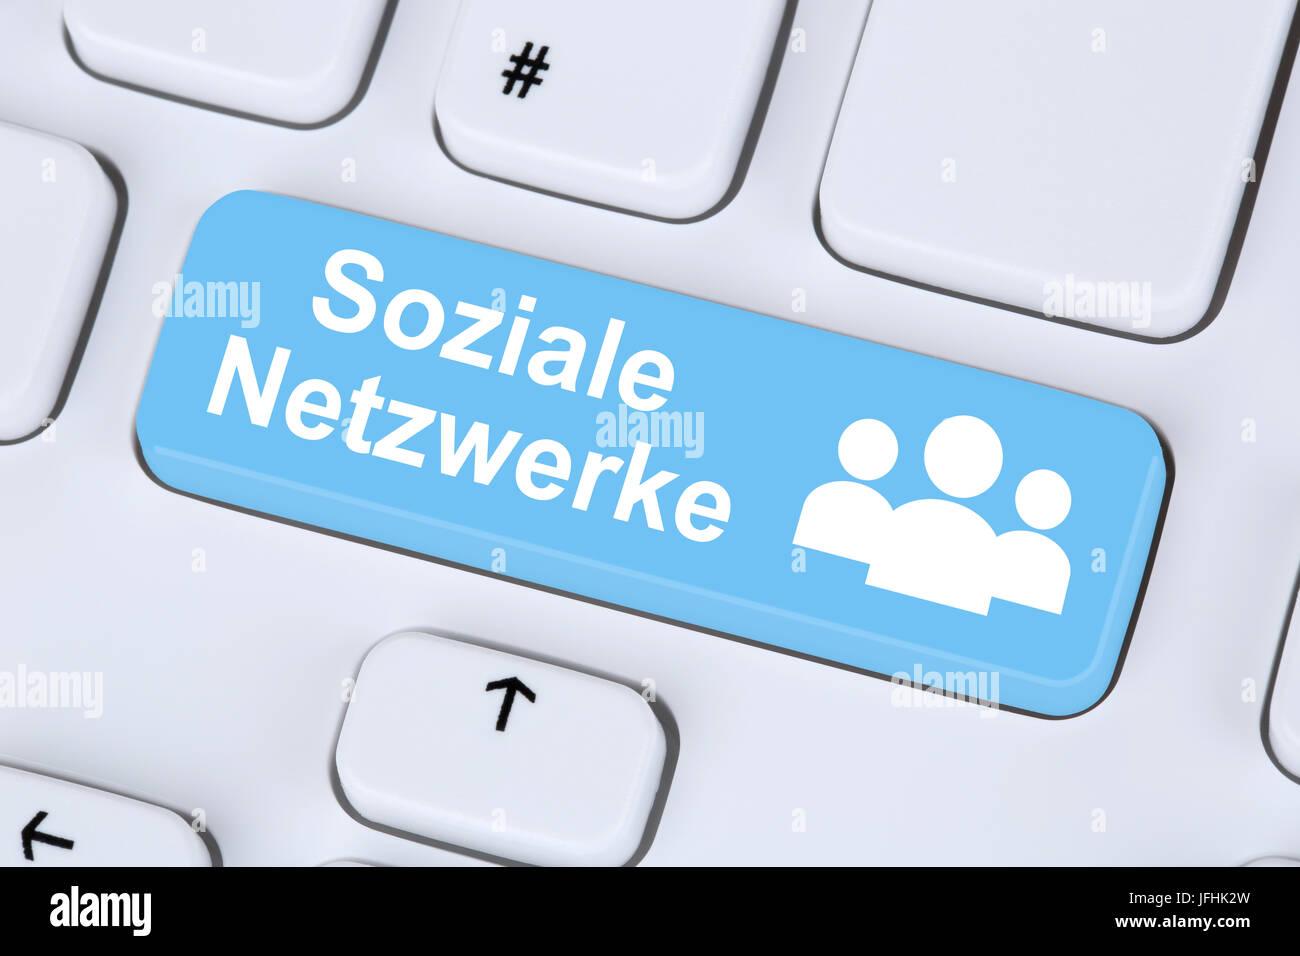 Soziale Netzwerke und Medien Freundschaft online im Internet - Stock Image